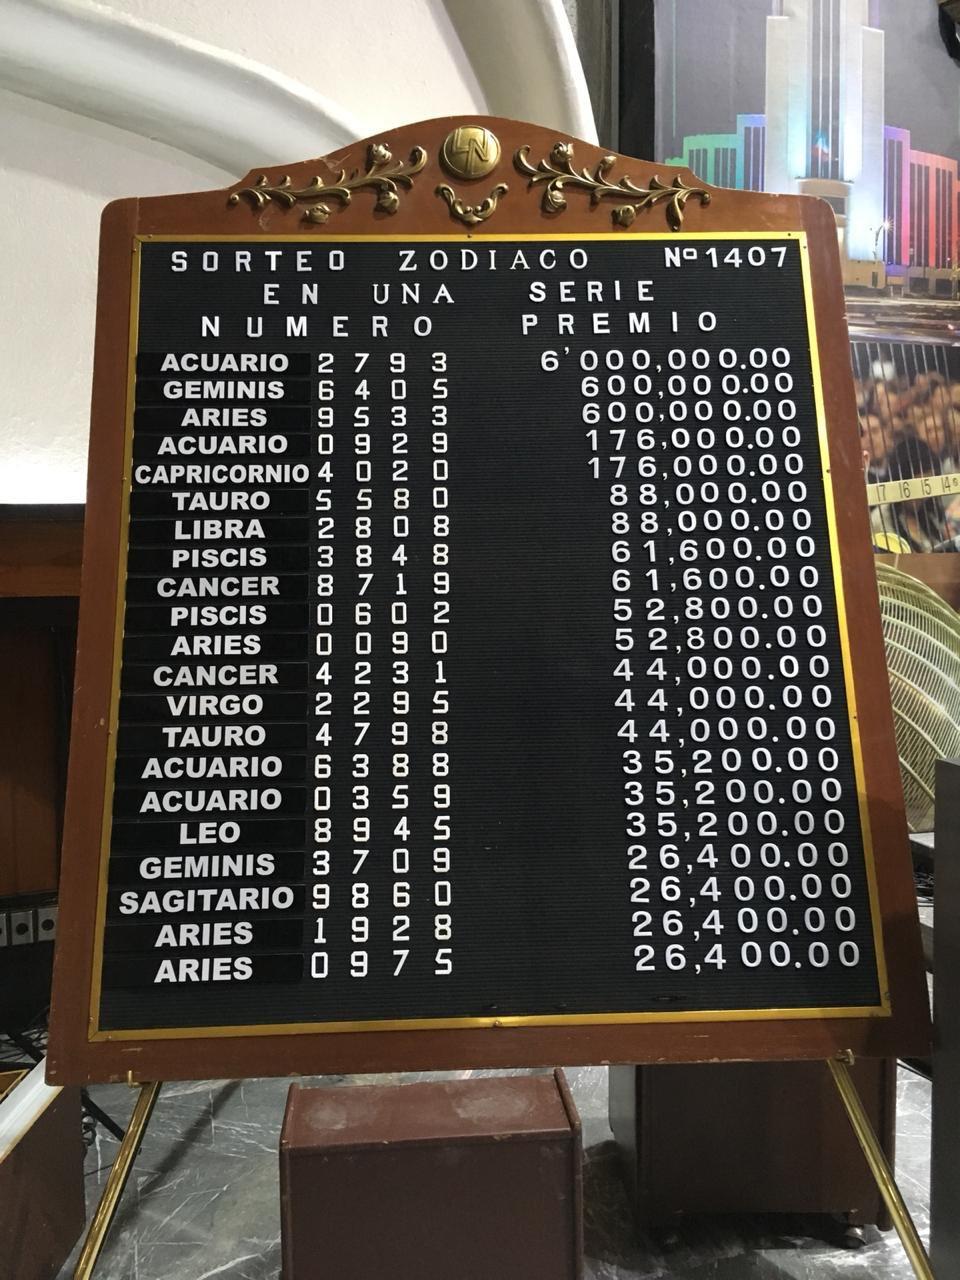 Resultados sorteo zodiaco 1407